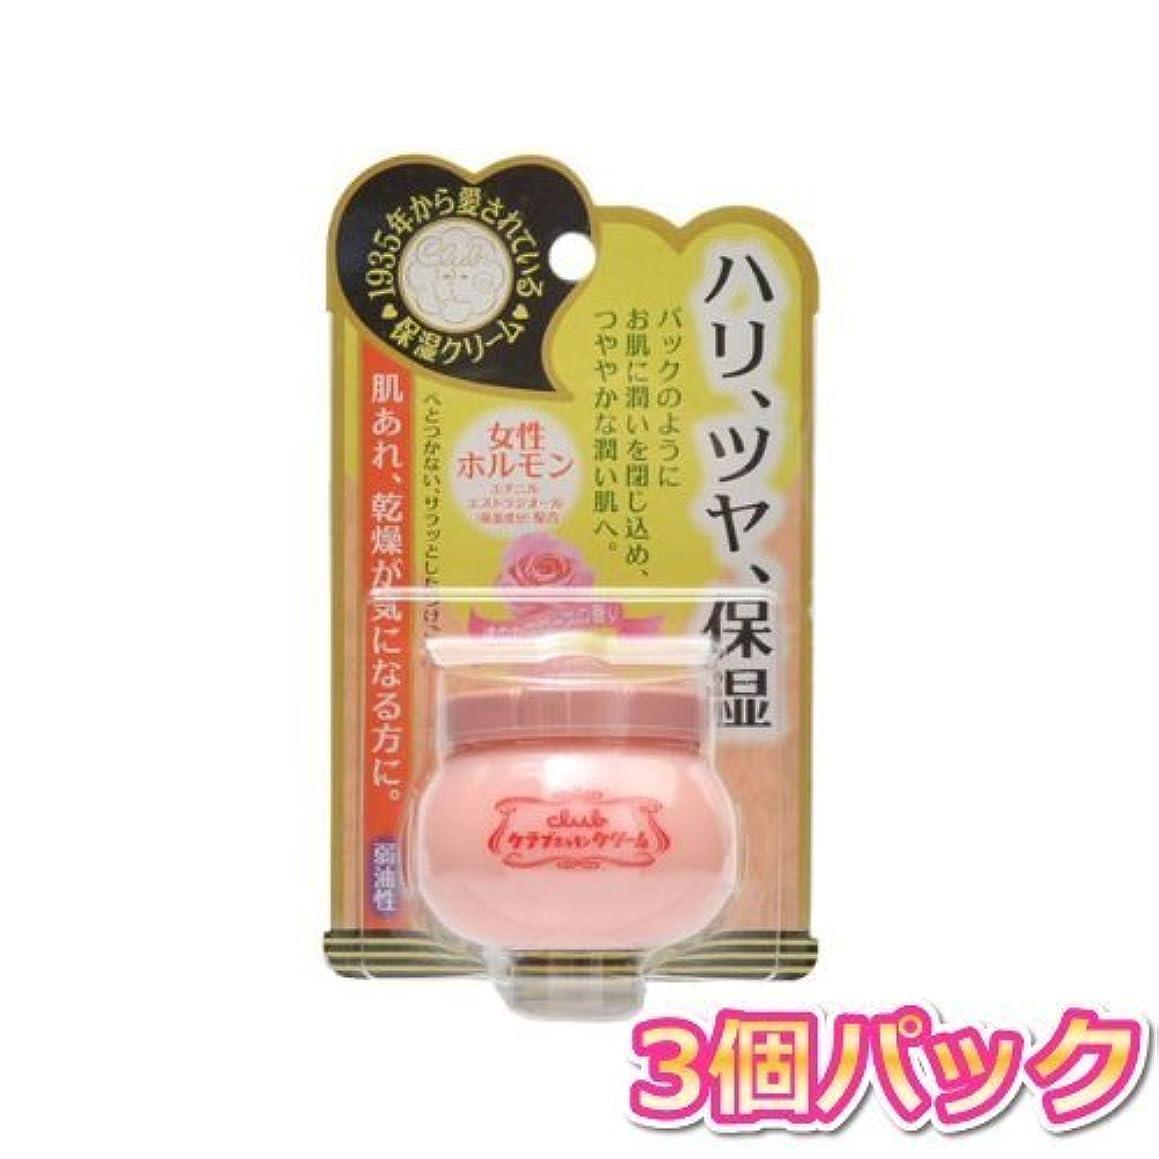 手がかりチャーター分子クラブ ホルモンクリーム (微香性) 60g ローズの香り 3個パック